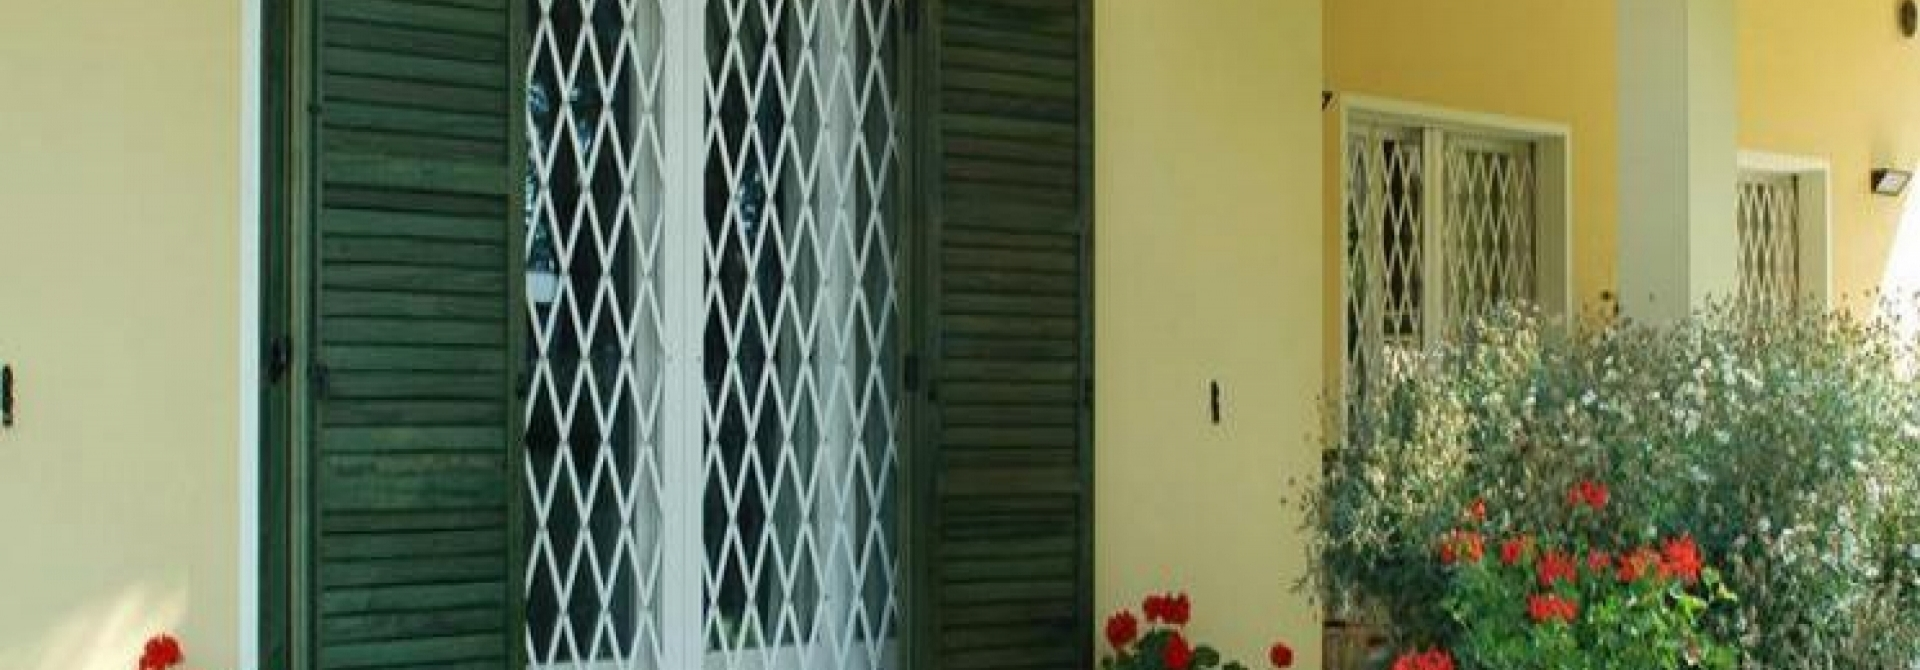 Cancelli di sicurezza apribili bologna cancelli estensibili di sicurezza inferriate mobili - Inferriate estensibili per finestre ...